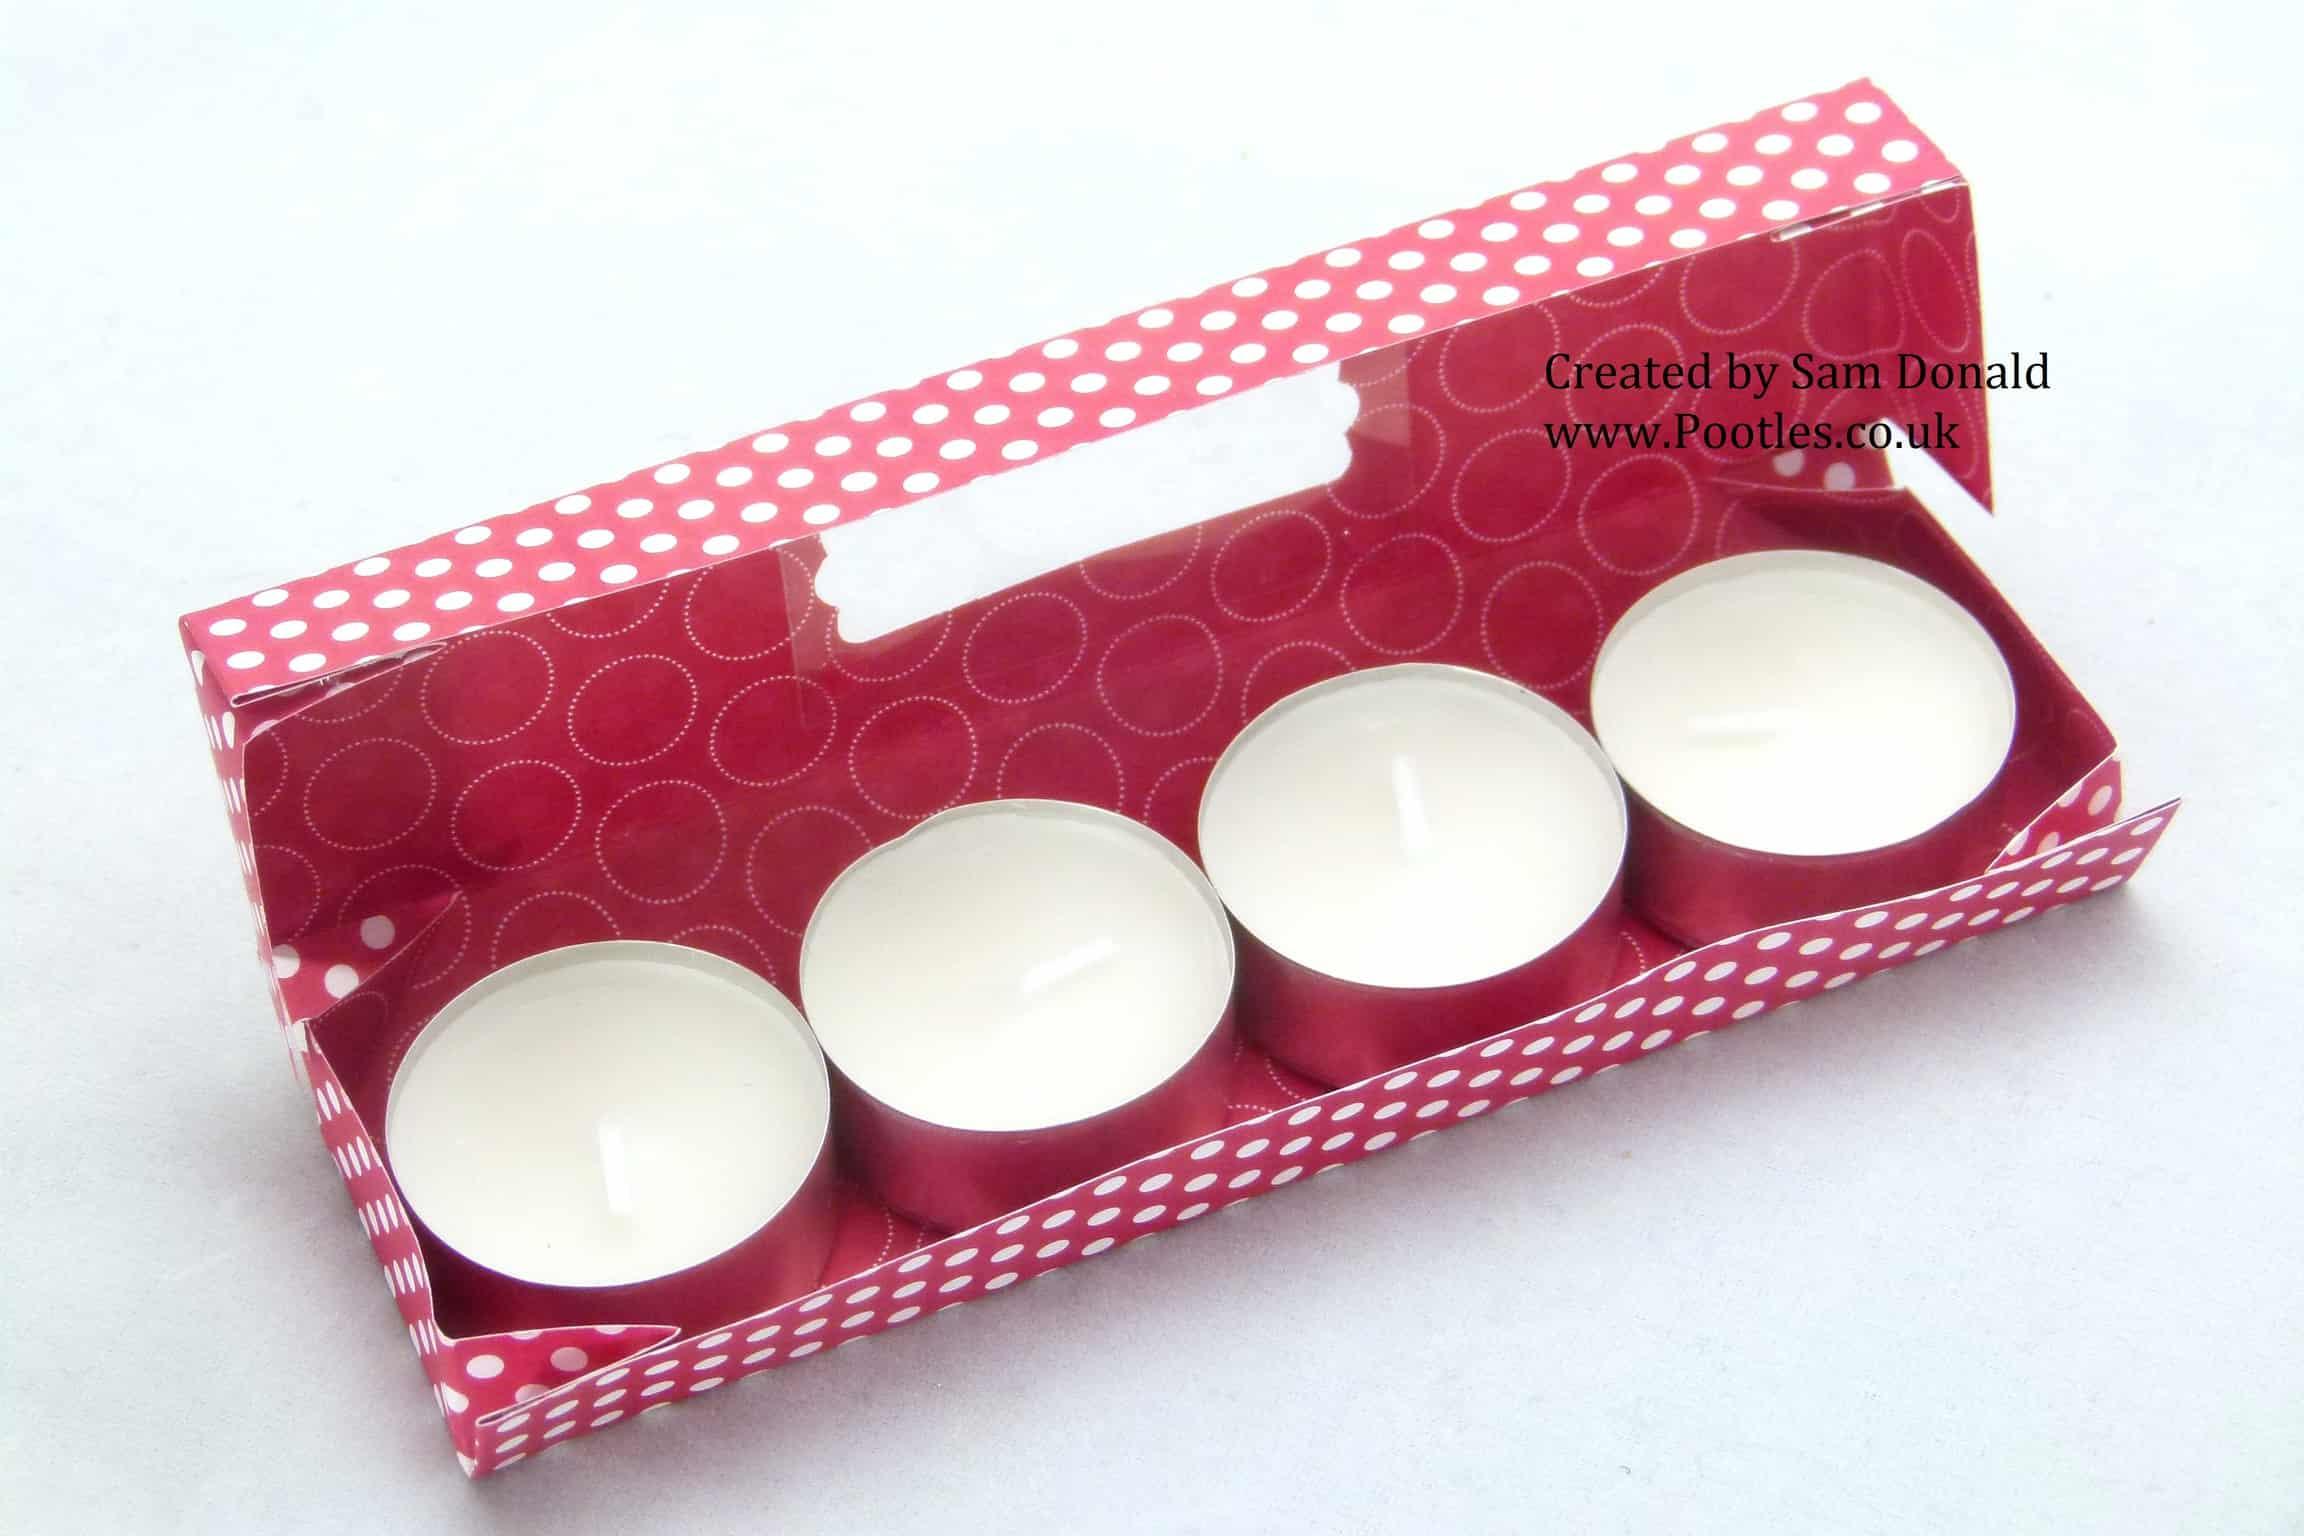 Pootles Stampin Up UK Tea Light Gift Box3